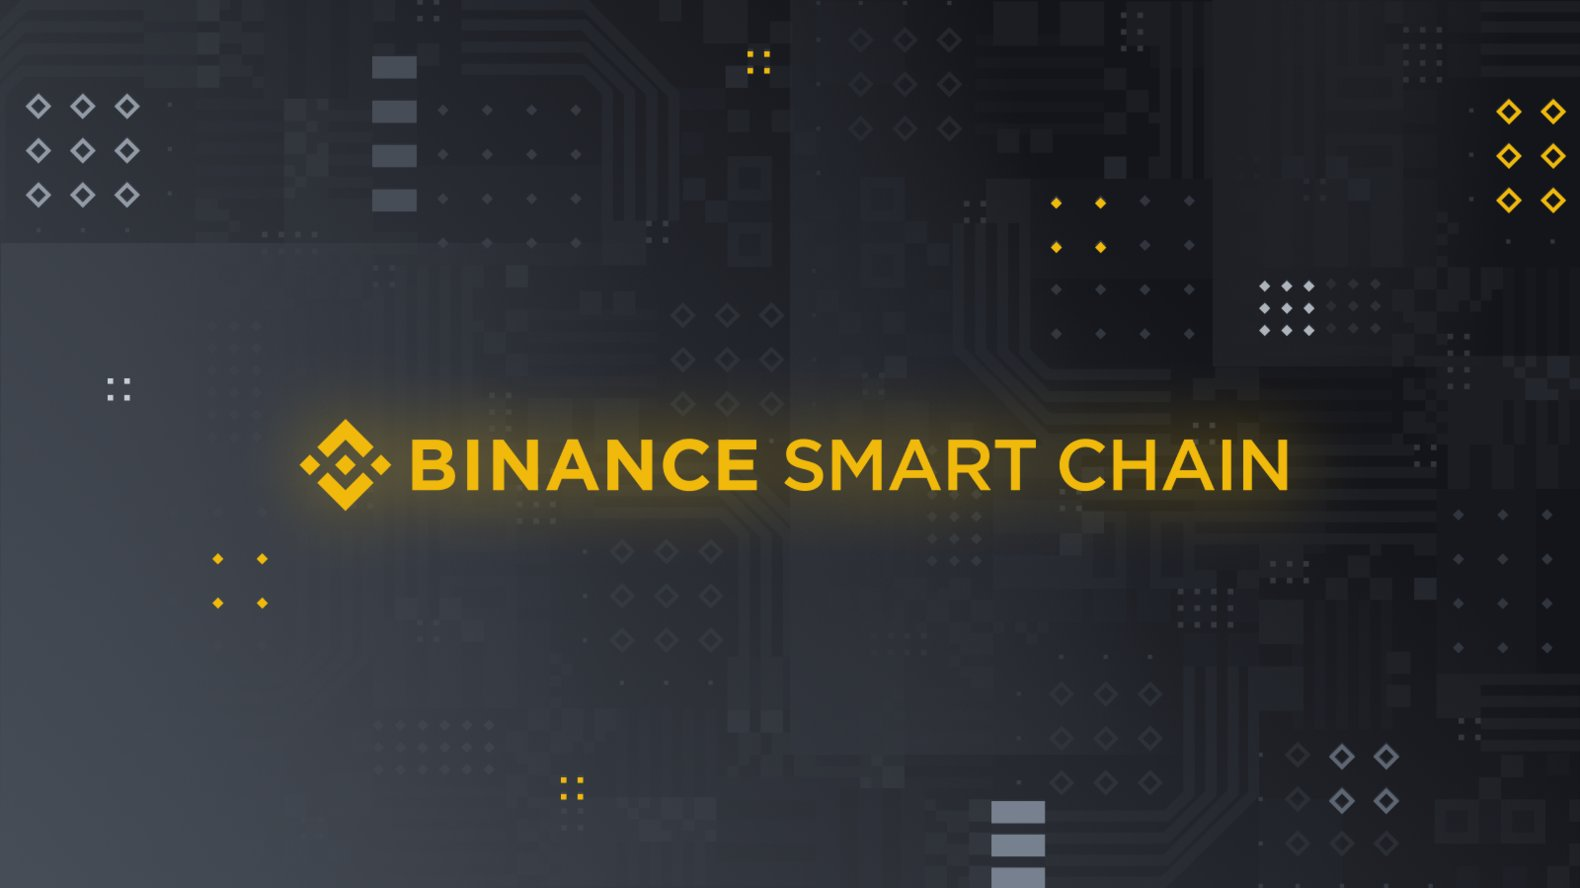 دليل شامل حول شبكة بينانس الذكية (Binance Smart Chain)